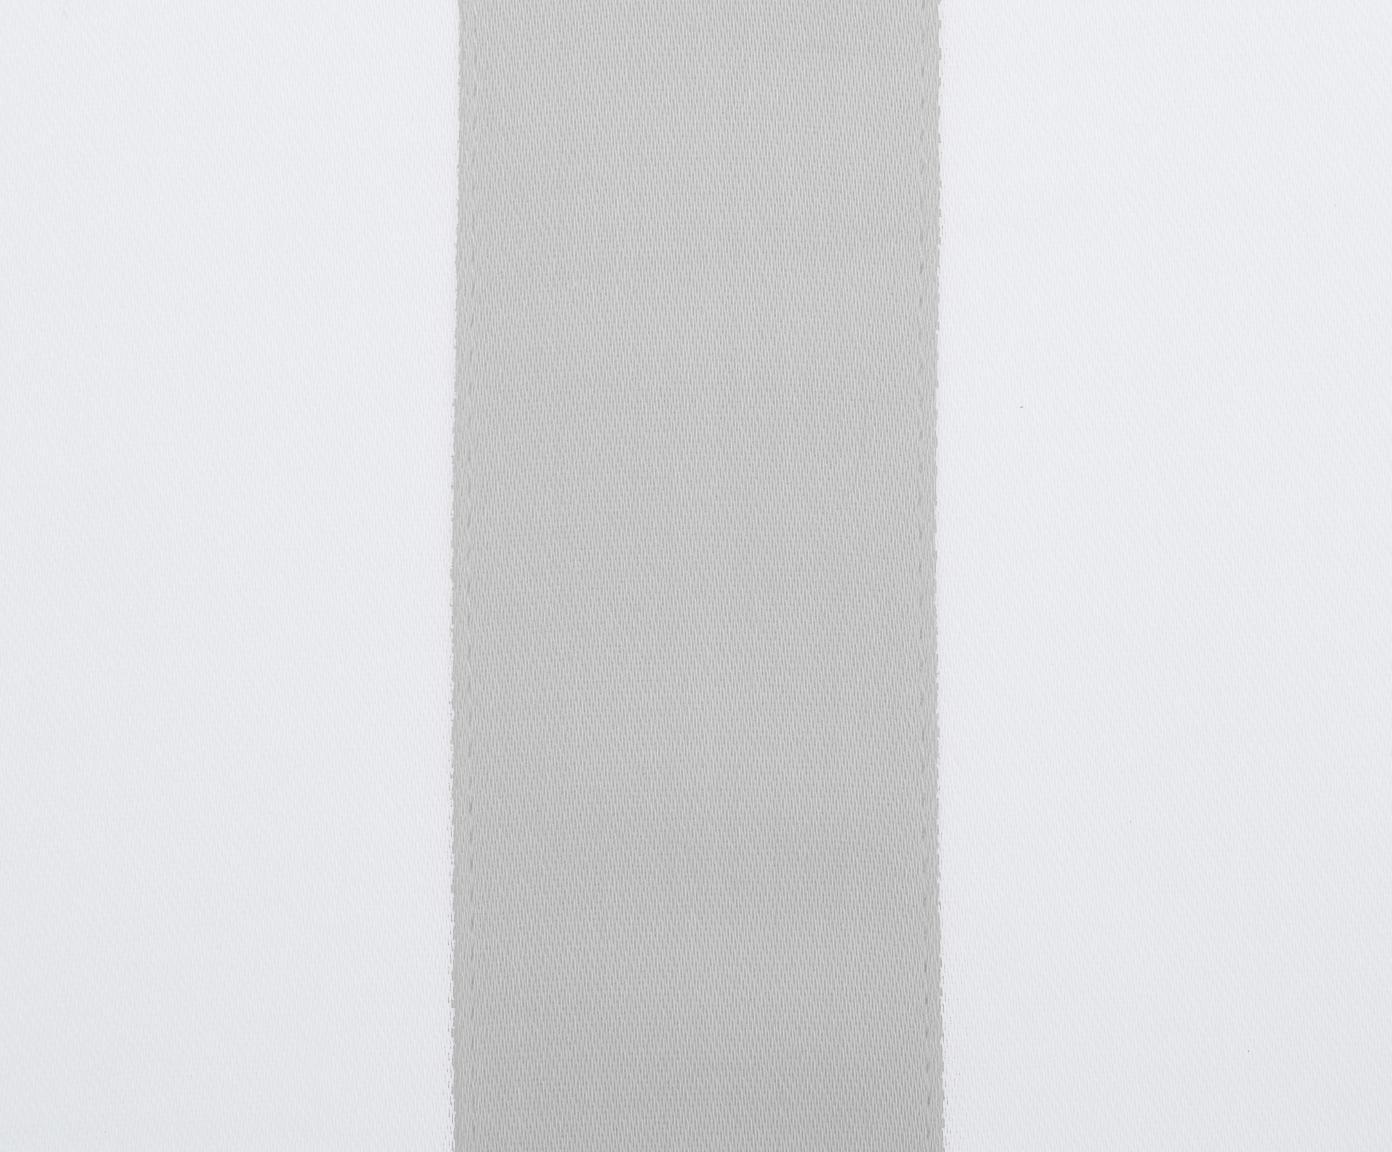 Pościel z satyny bawełnianej Nora, Biały, jasny szary, 135 x 200 cm